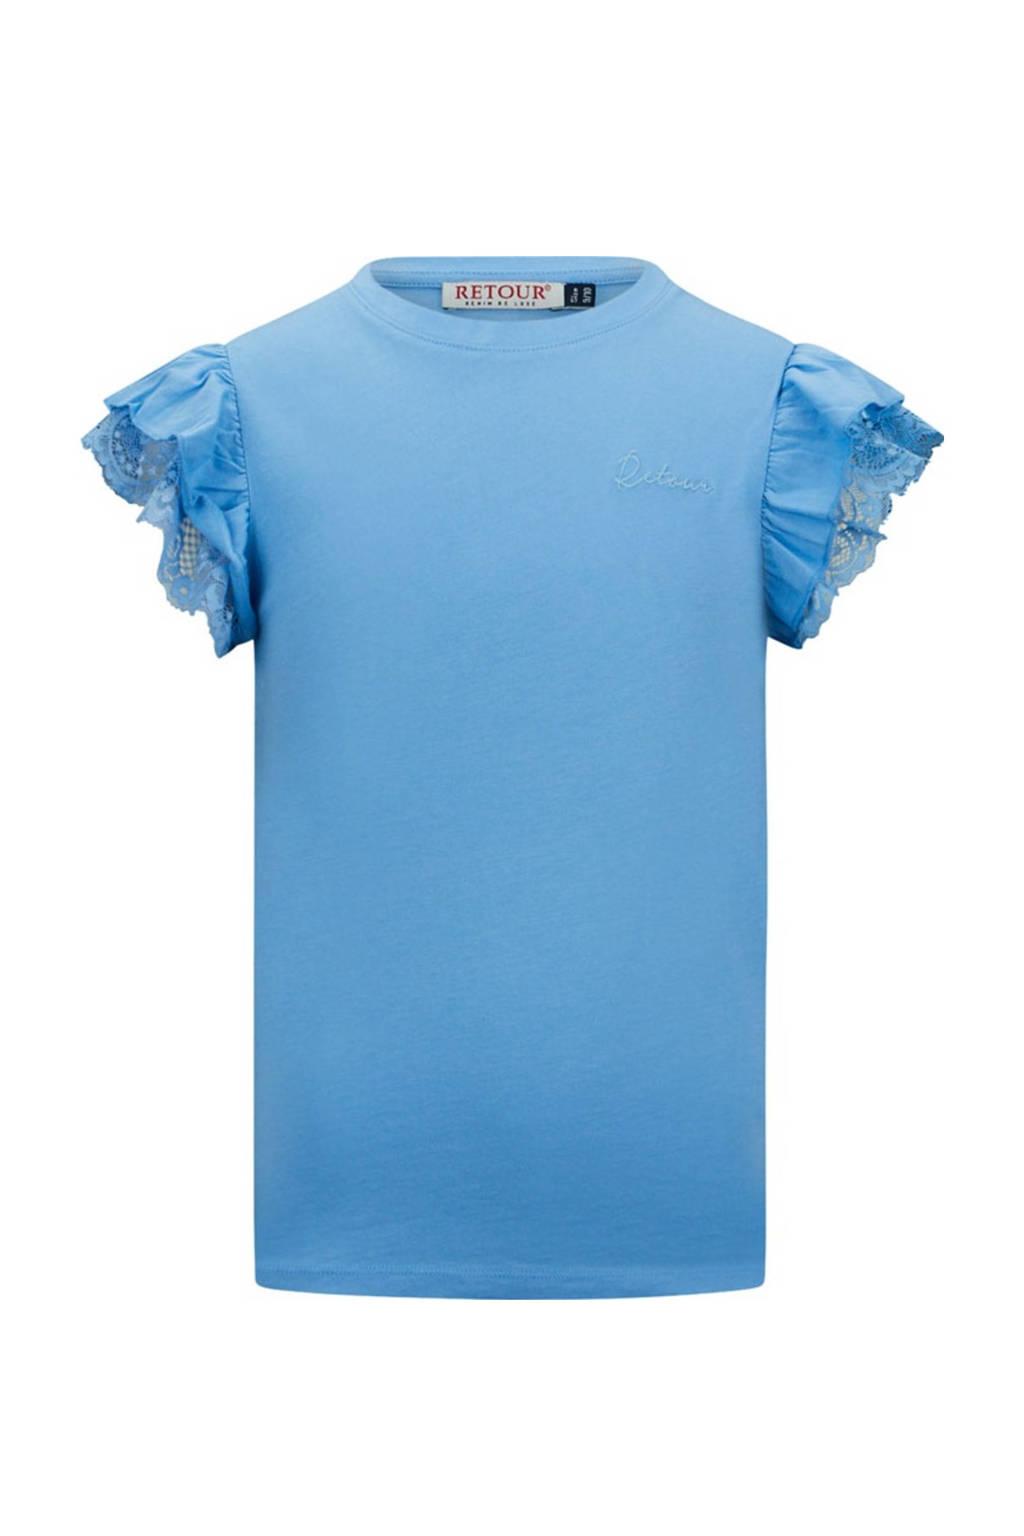 Retour Denim T-shirt Hanna met borduursels lichtblauw, Lichtblauw